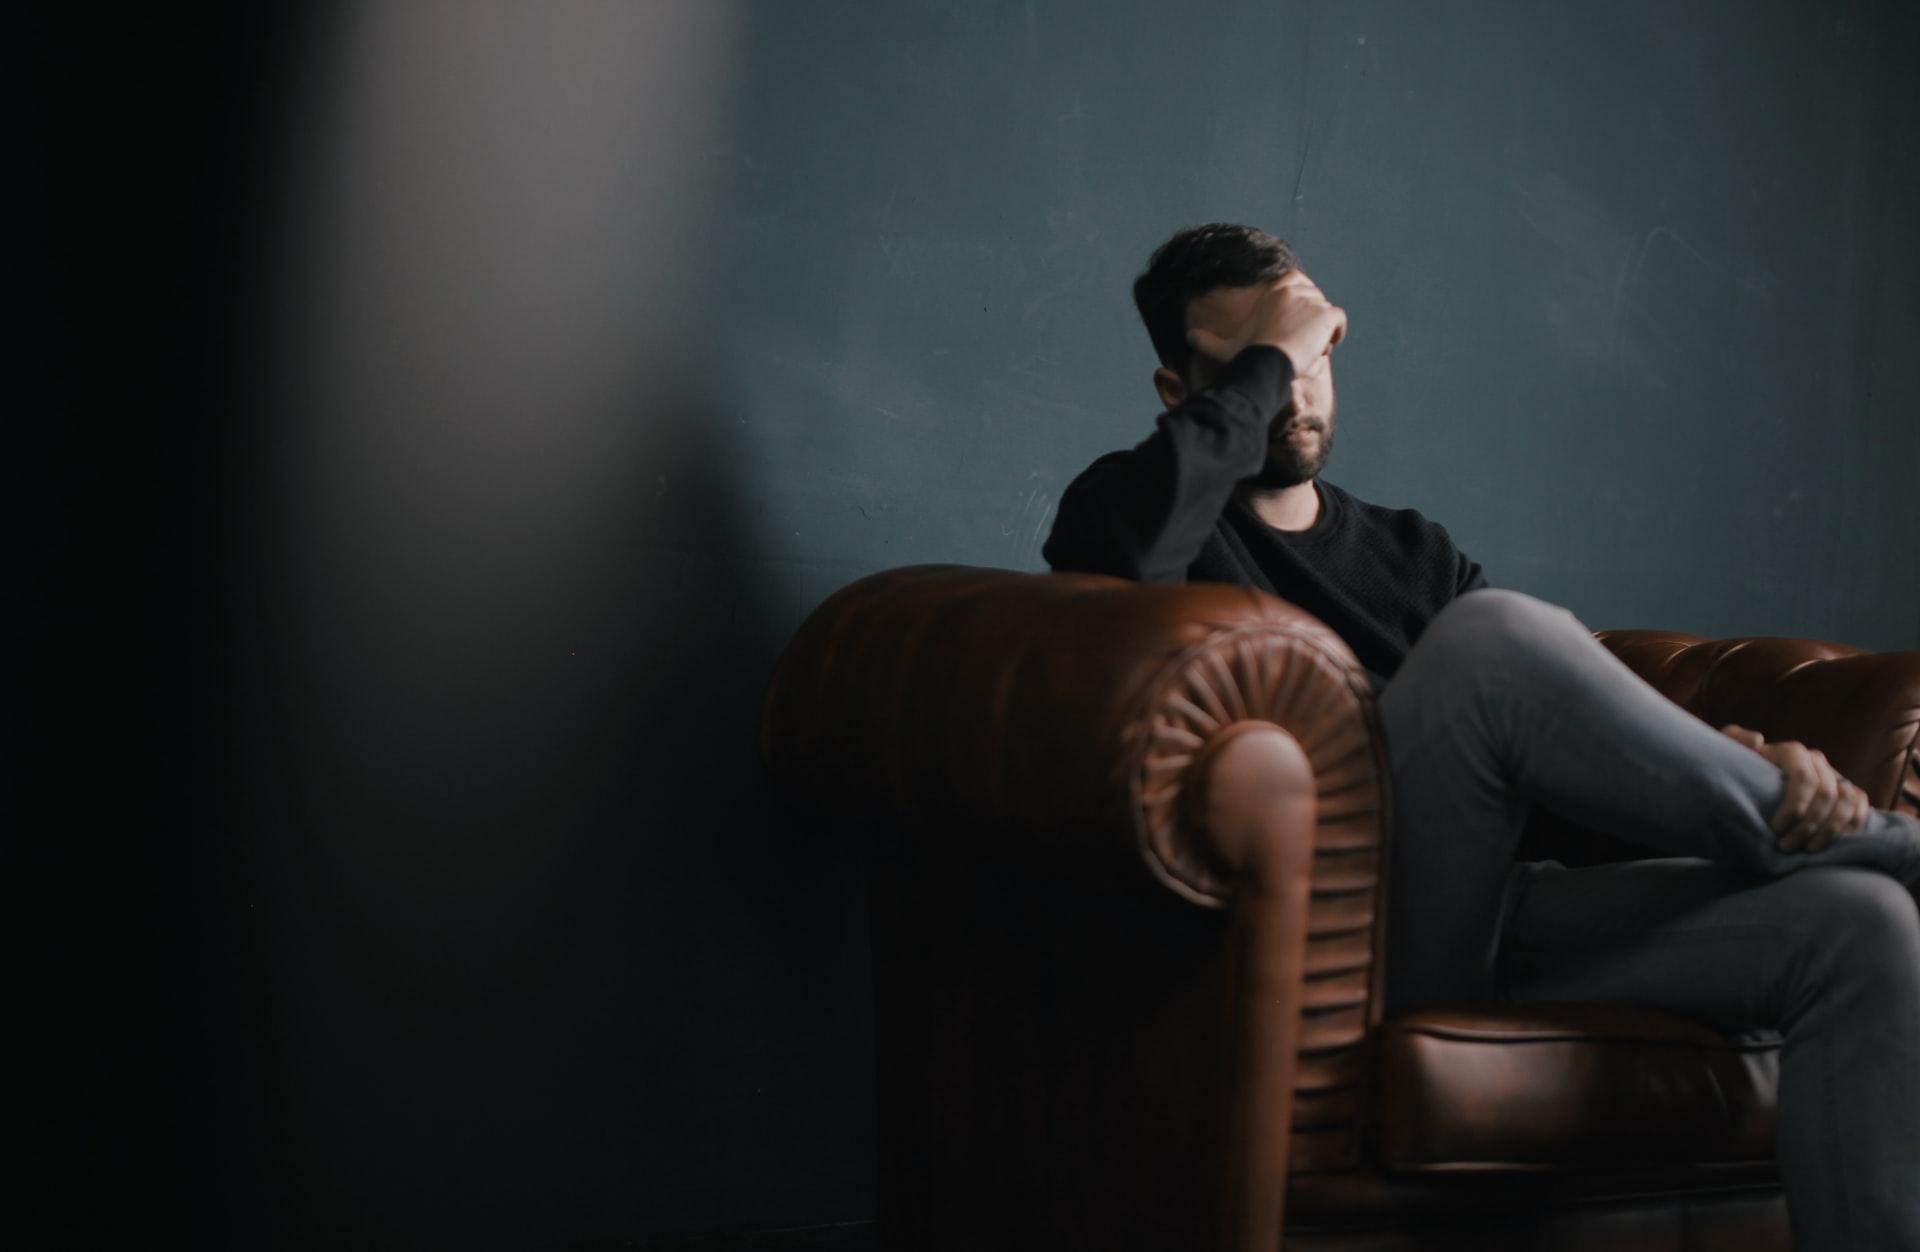 Три способа избавления от тревоги